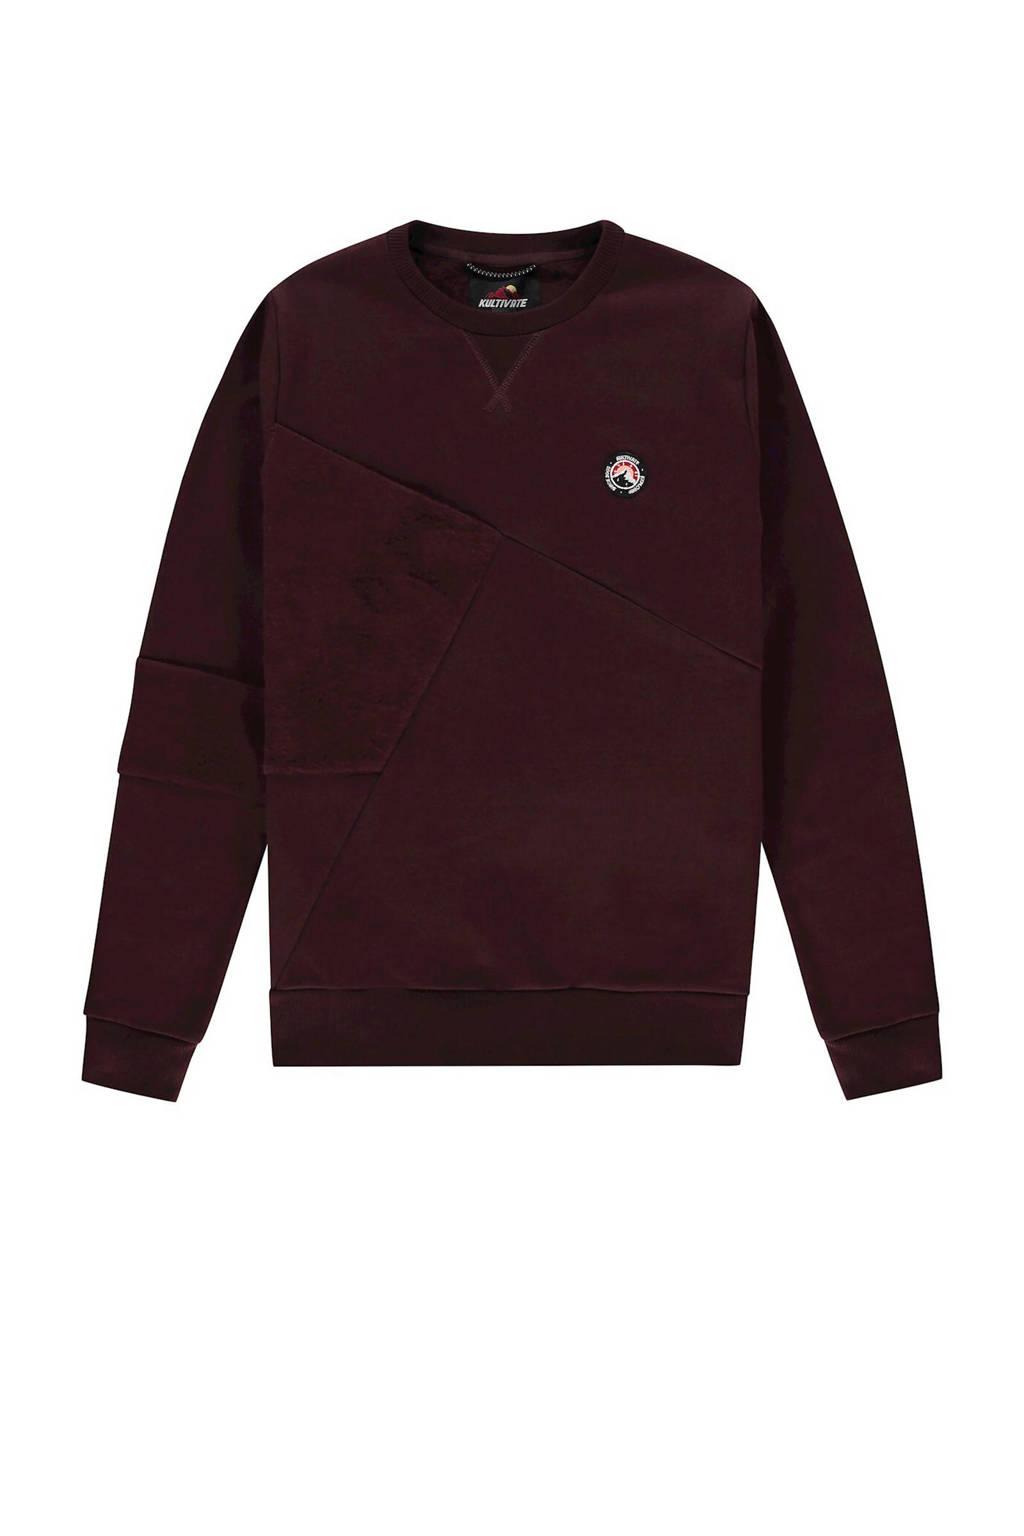 Kultivate sweater aubergine, Aubergine